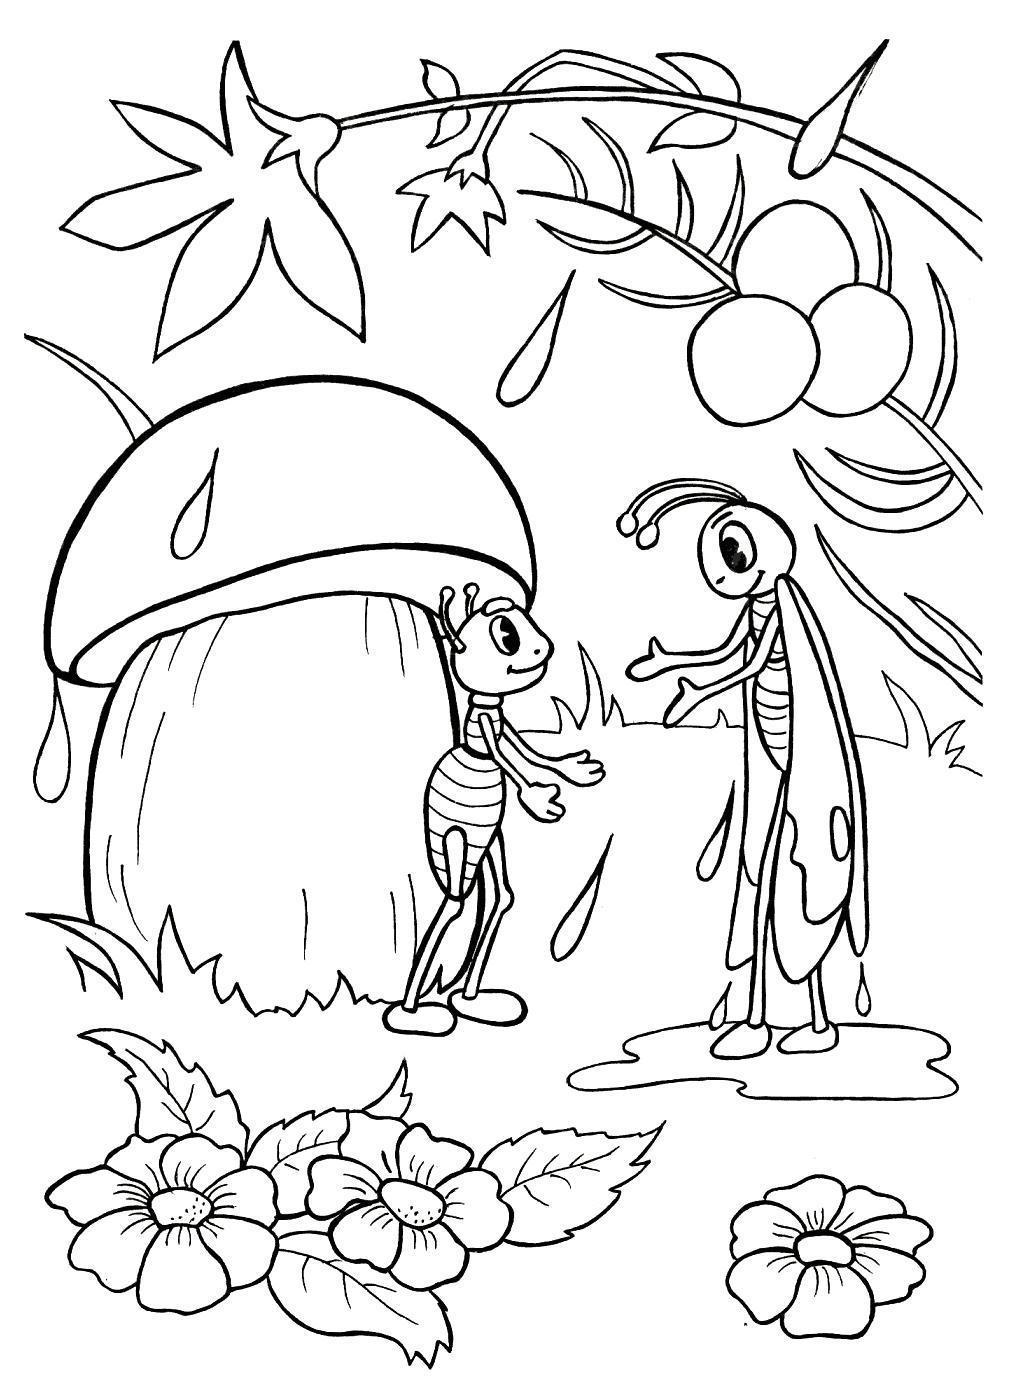 Бабочка Раскраска с цветами и грибом Раскраски цветов бесплатнораскраски цветы